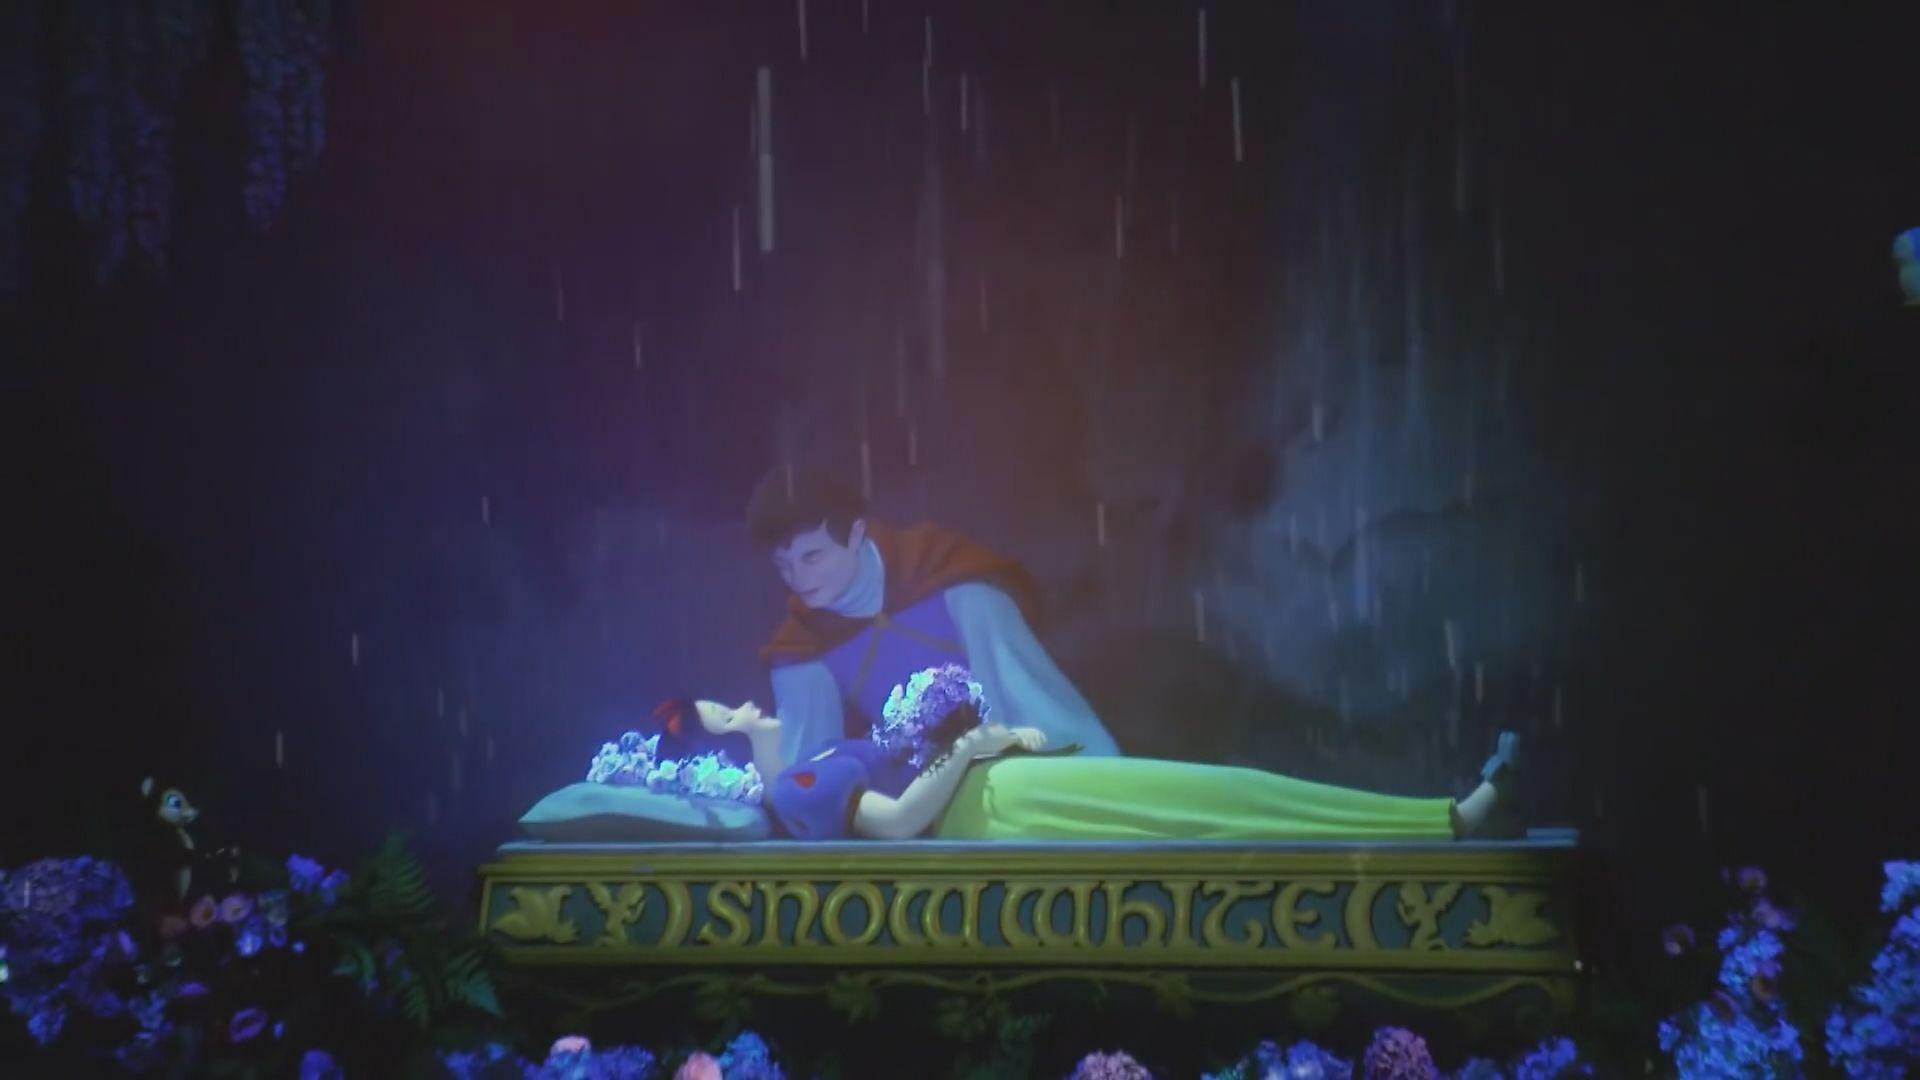 【環球薈報】美國迪士尼白雪公主遊戲設施被指不尊重女性